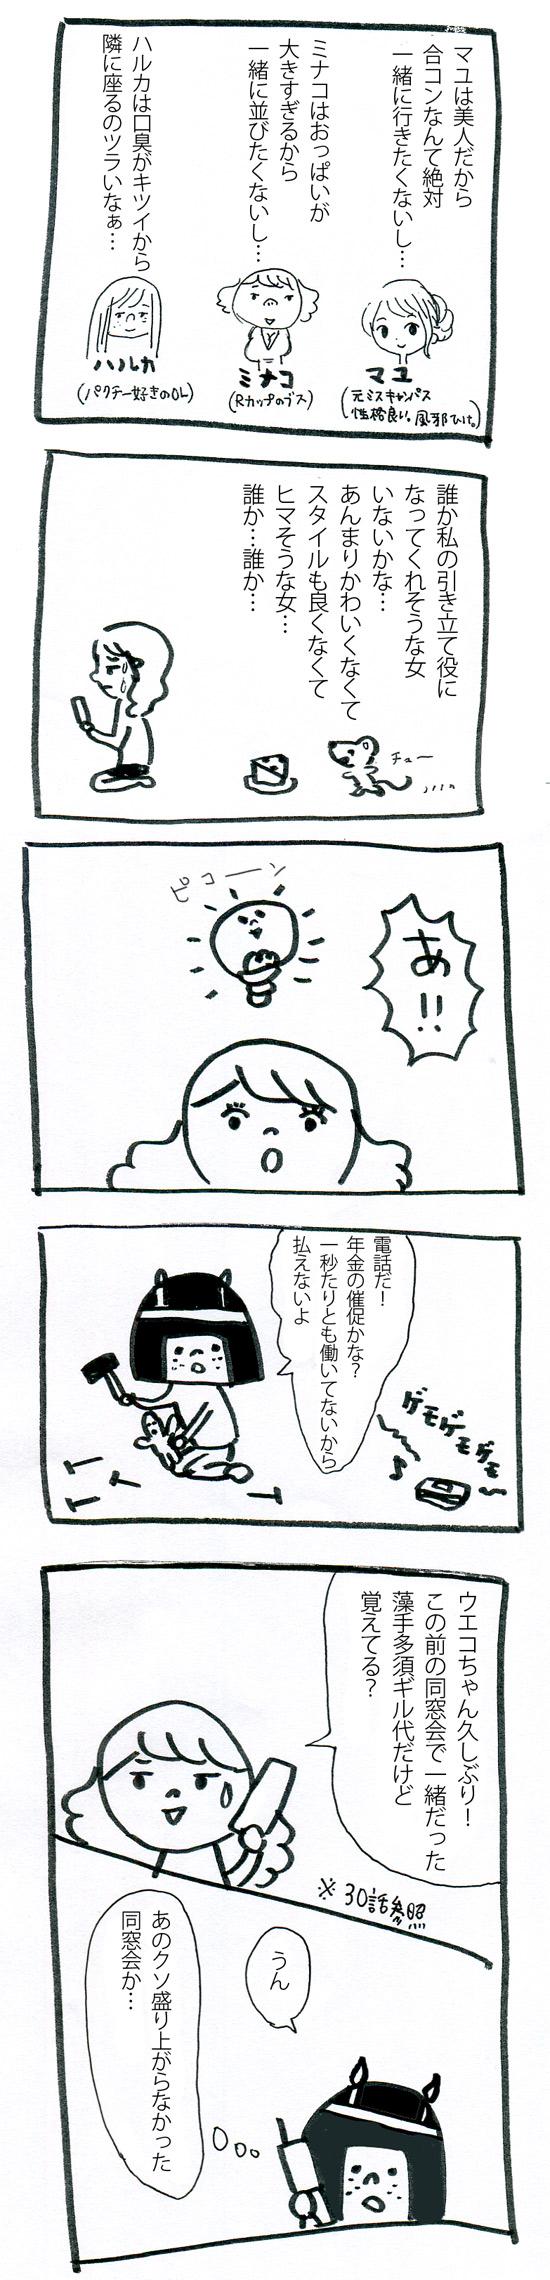 モテたいアラサー女です 漫画3